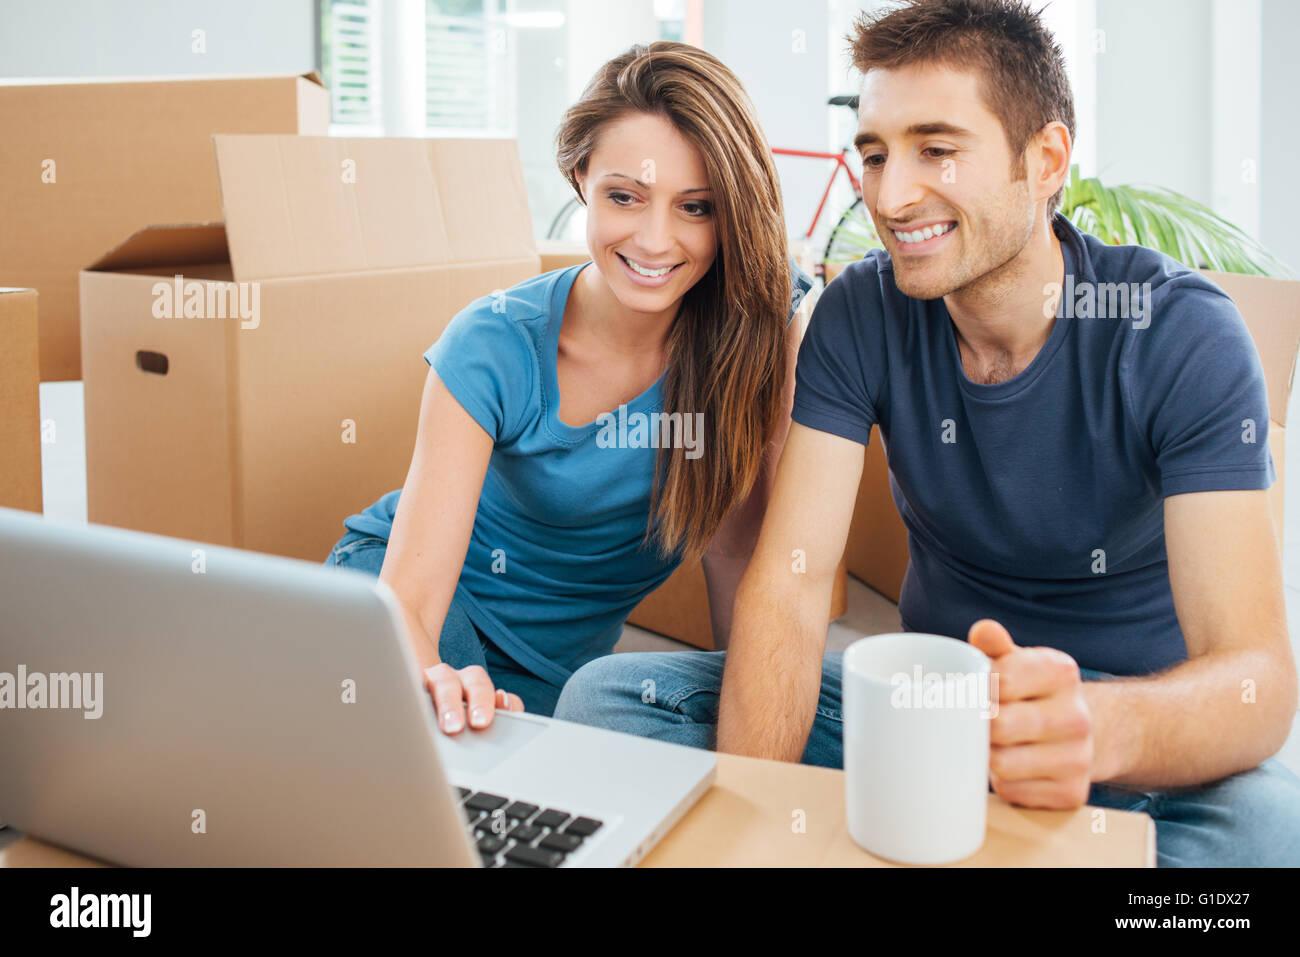 Brautpaar sitzt auf ihrem neuen Haus Boden umgeben von Kartons und eine drahtlose Laptop während einer Kaffeepause Stockbild